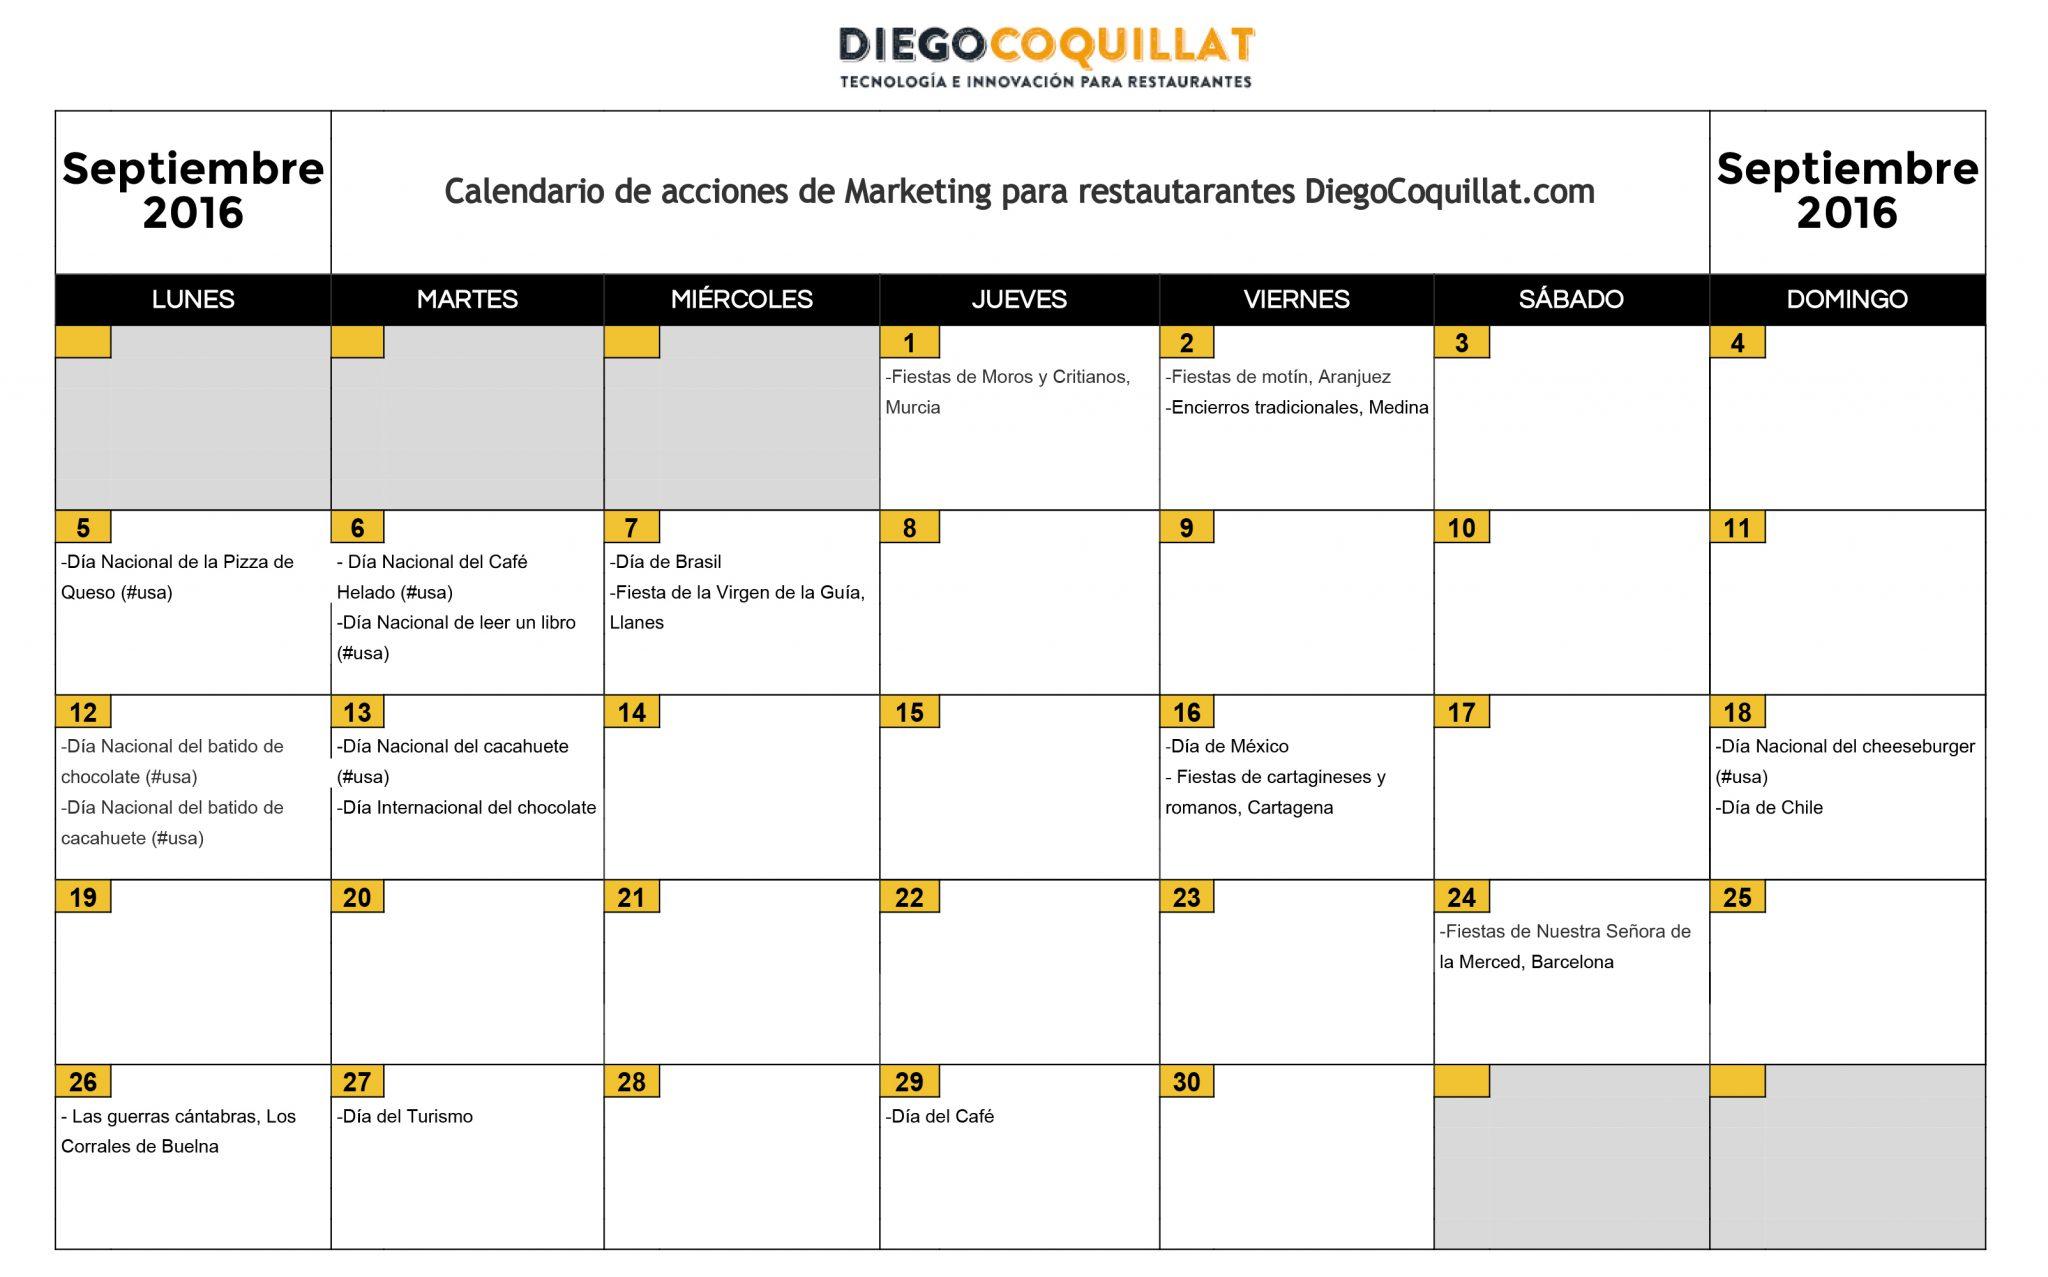 2016 CALENDARIO ACCIONES DE MARKETING DiegoCoquillat.com - Septiembre2016